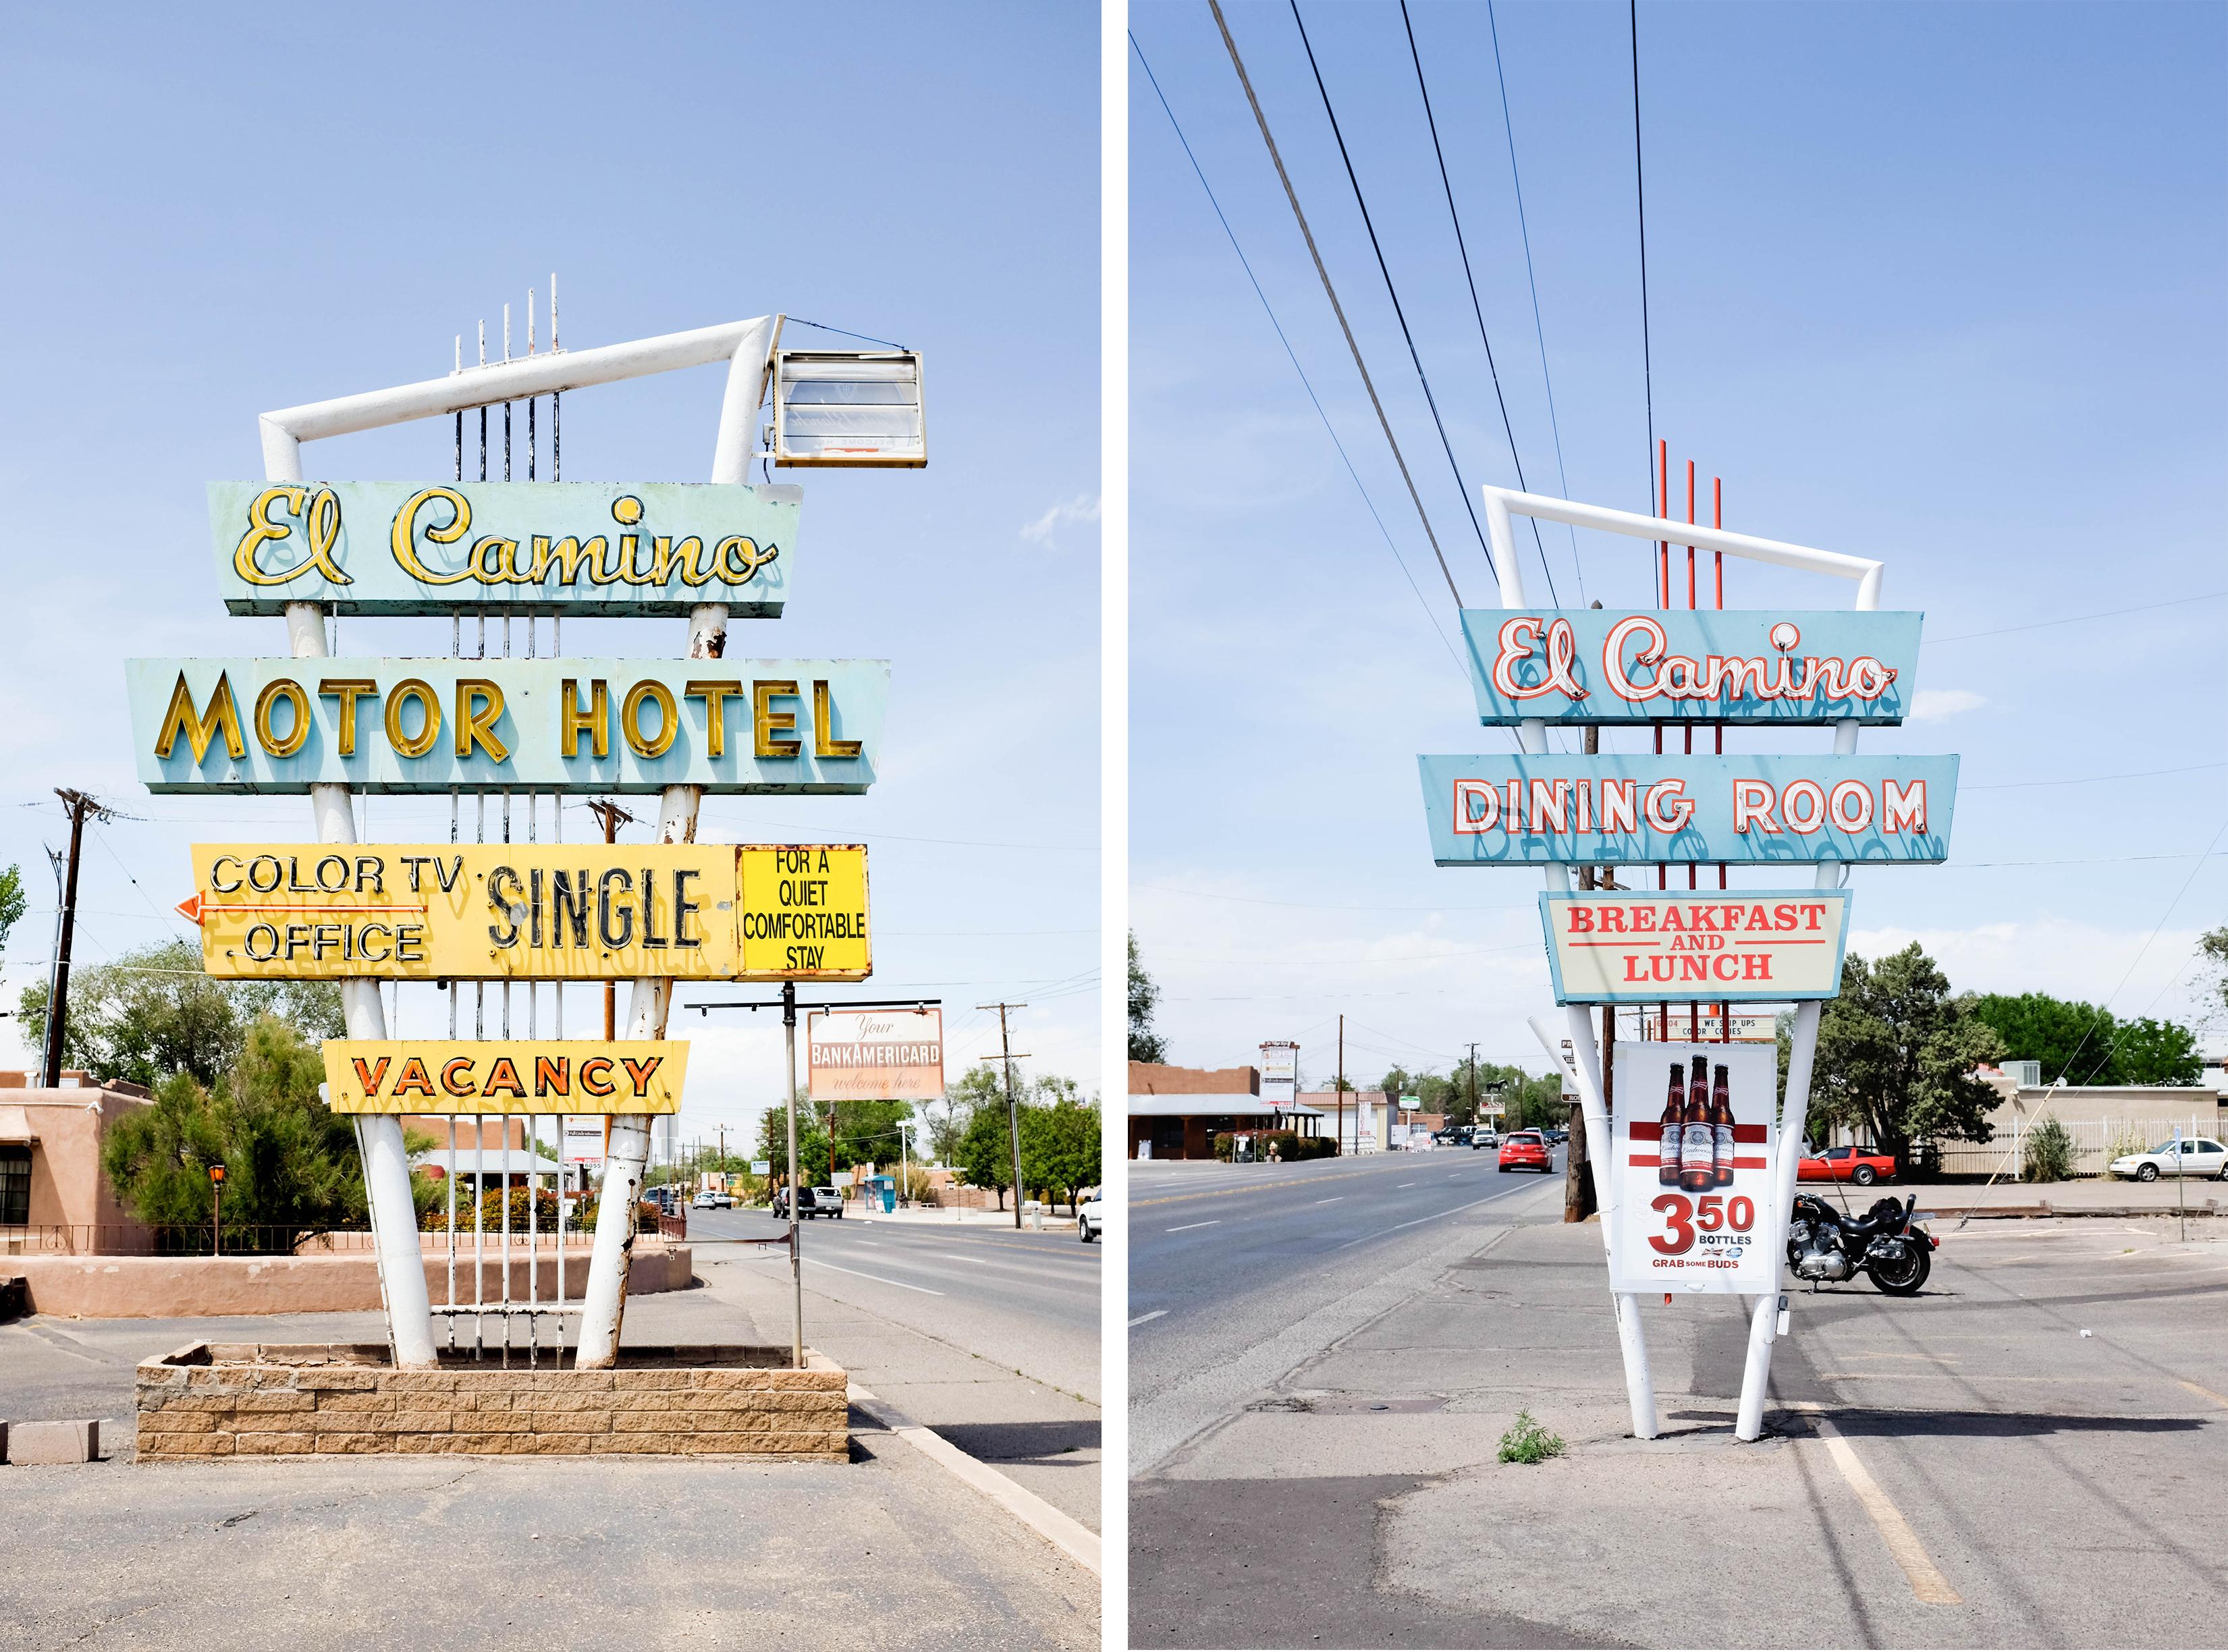 Albuquerque To Santa Fe >> Route 66 Day 10 Santa Fe To Albuquerque